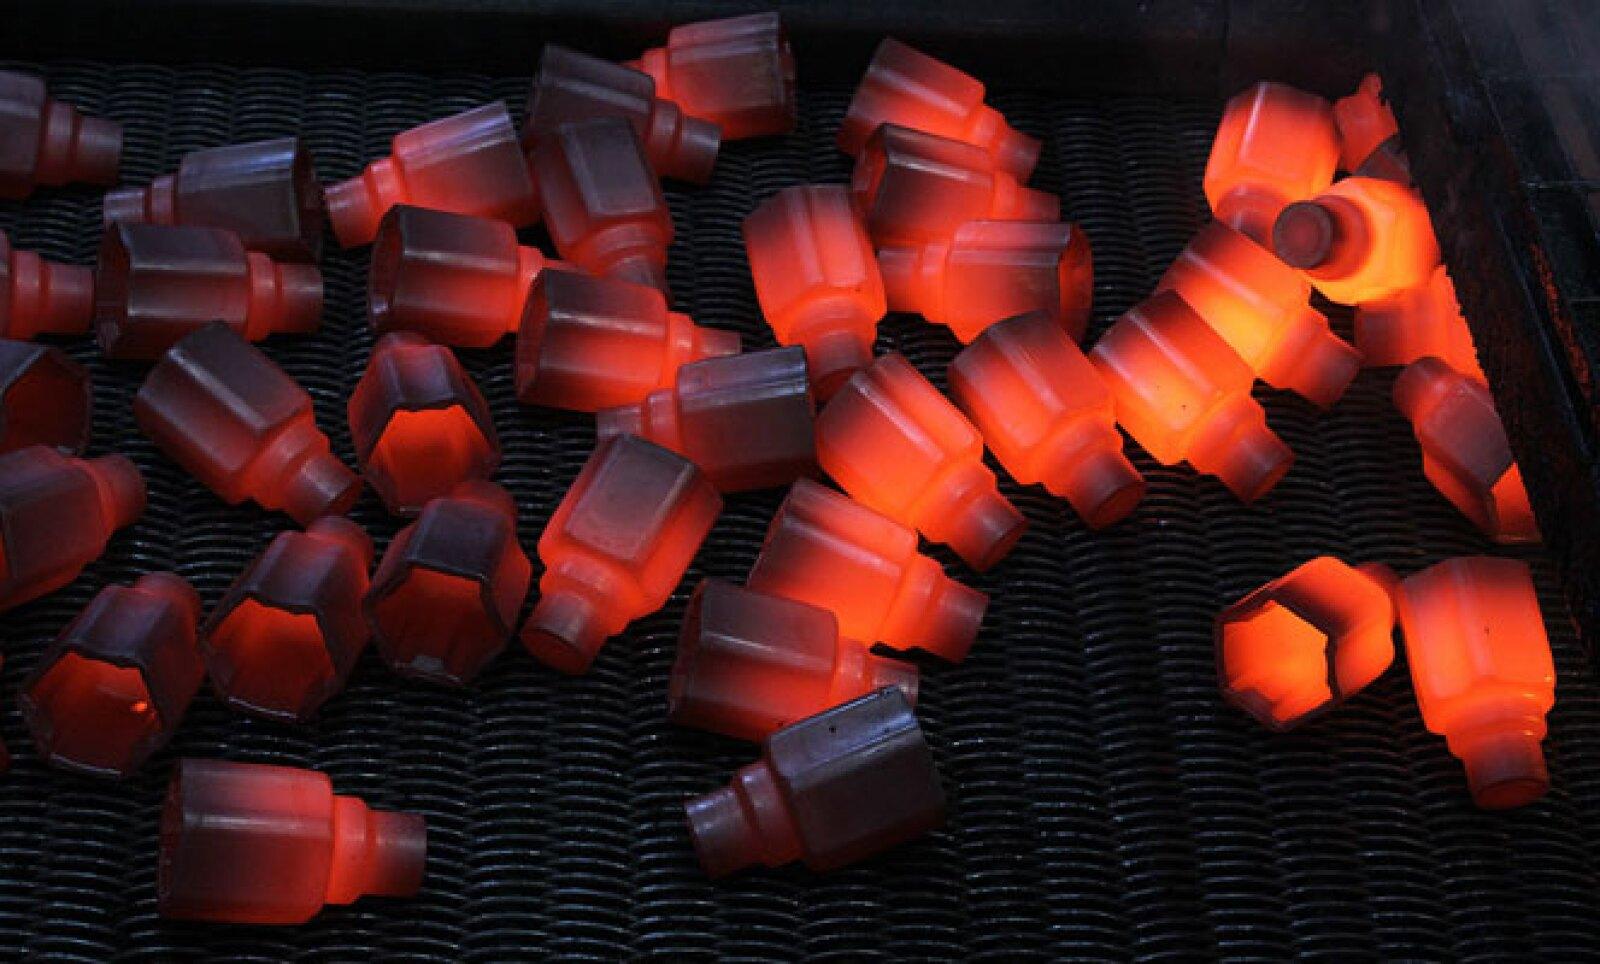 El material se somete a temperaturas de 850°C para poder ser trabajado.